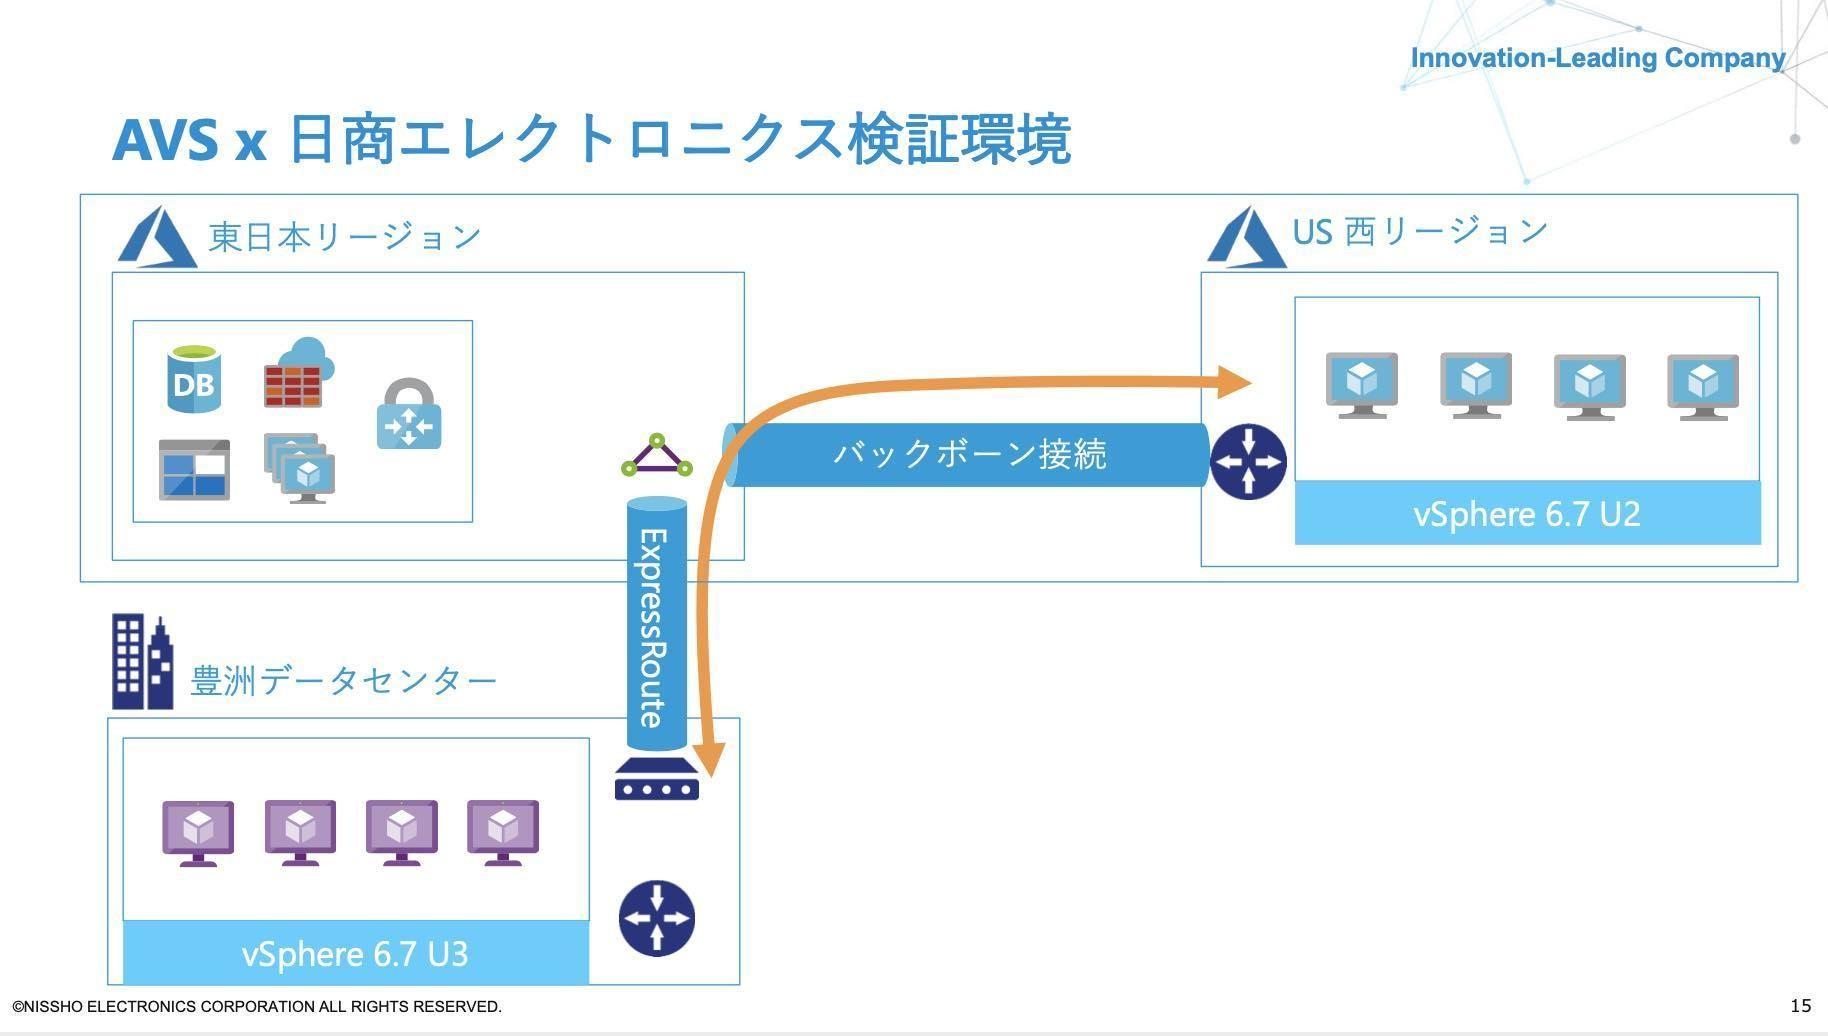 AVS×日商エレクトロニクス検証環境